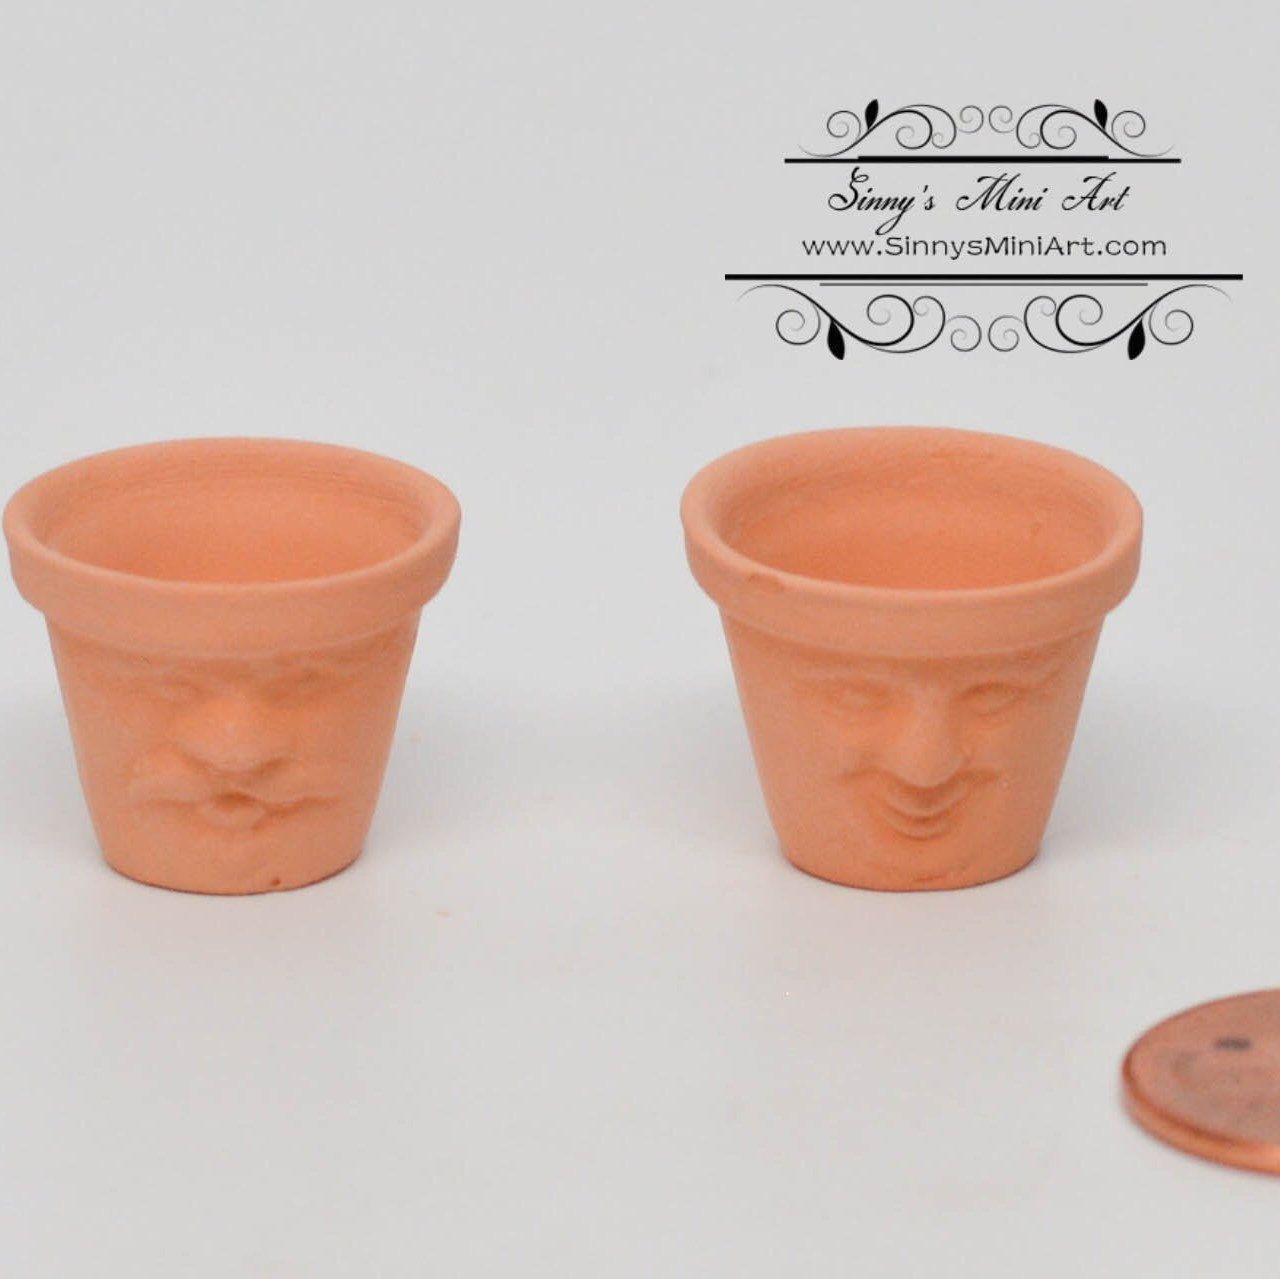 A Pair 1 12 Dollhouse Miniature Face Clay Pots Set Of 2 Miniature Gardening Bd B243 Dollhouse Miniatures Clay Pots Miniatures